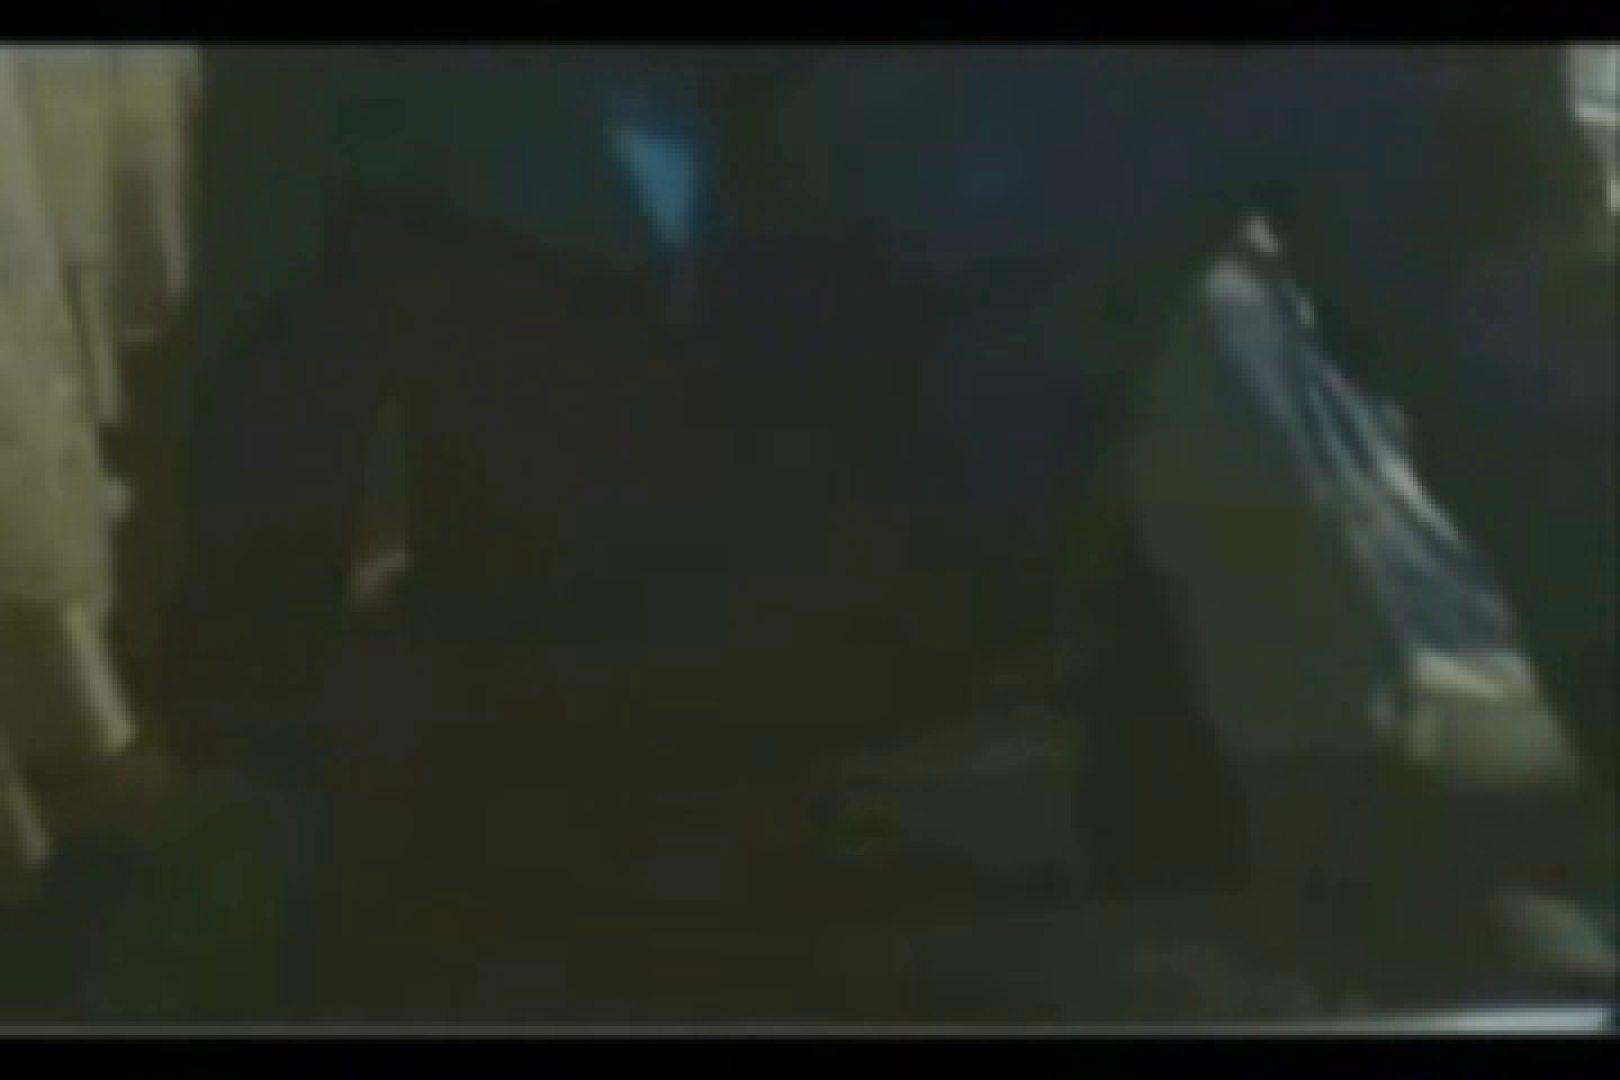 ファイル流出! ! パソコン画面を目の前に自画撮りオナニー チンコ 射精無修正動画 107枚 30